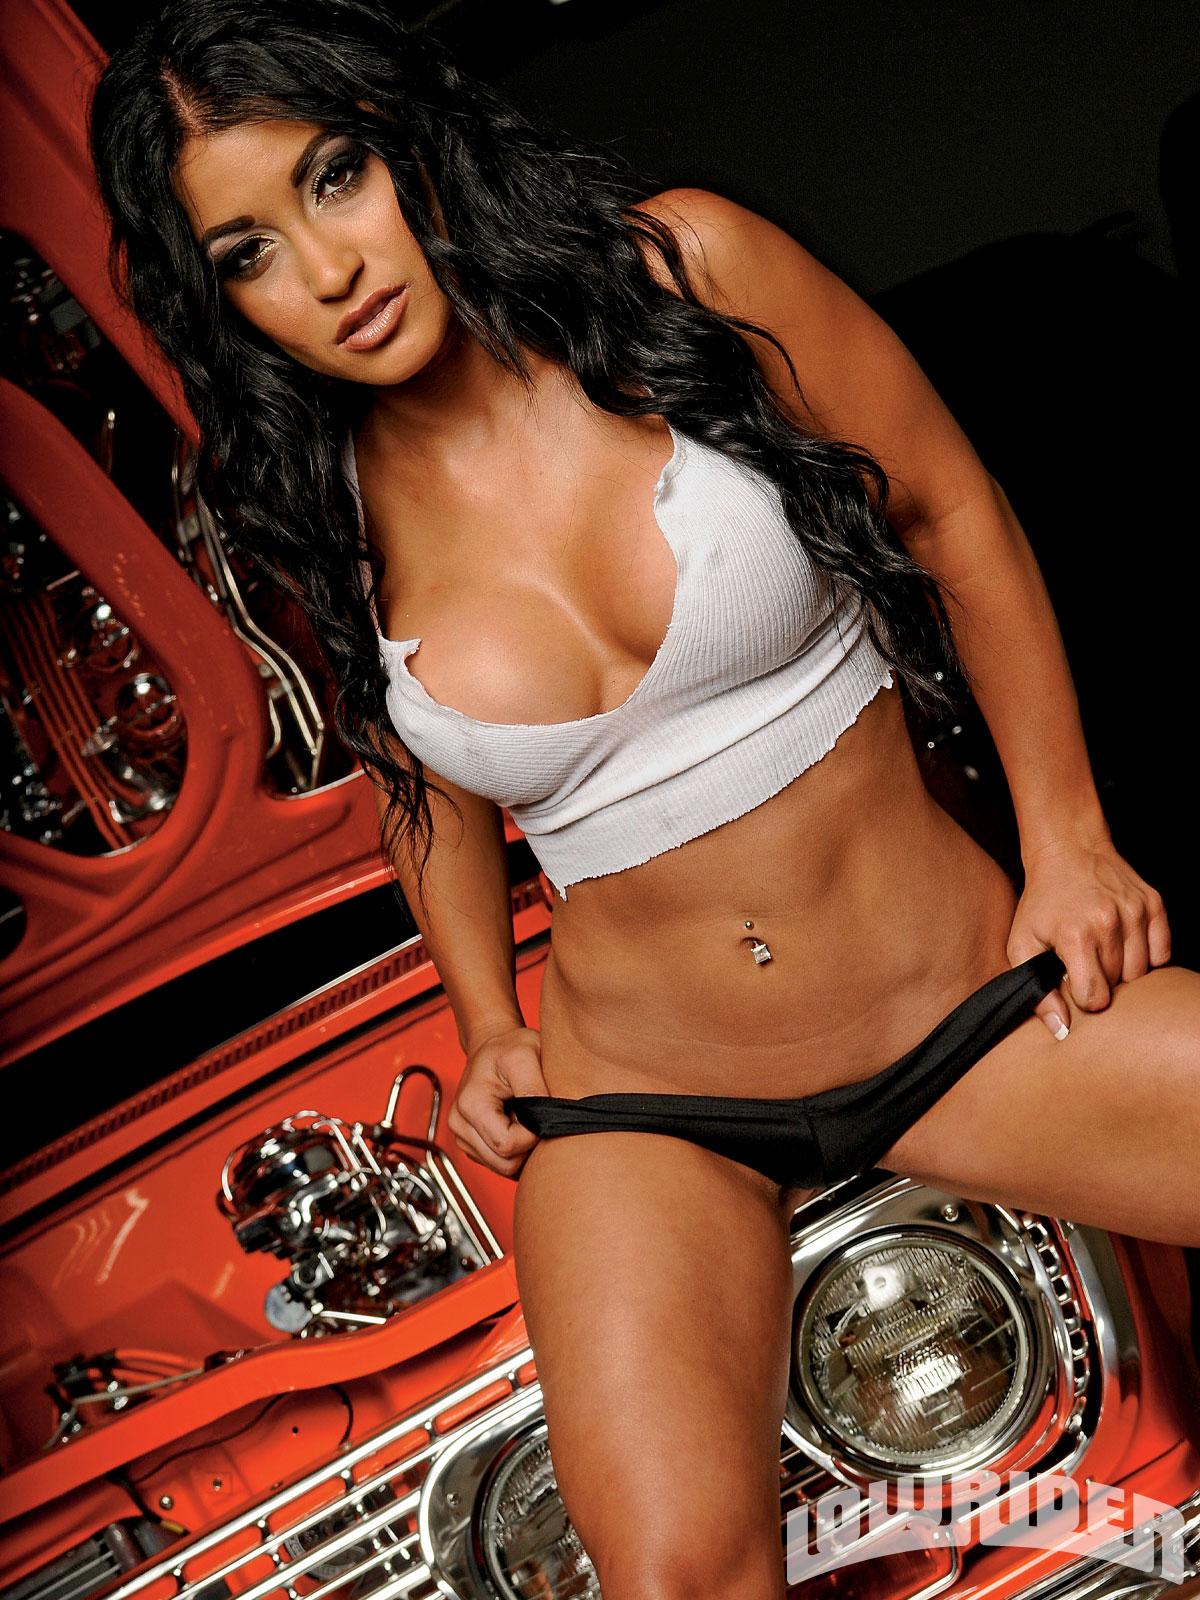 Beautiful Car Show Models